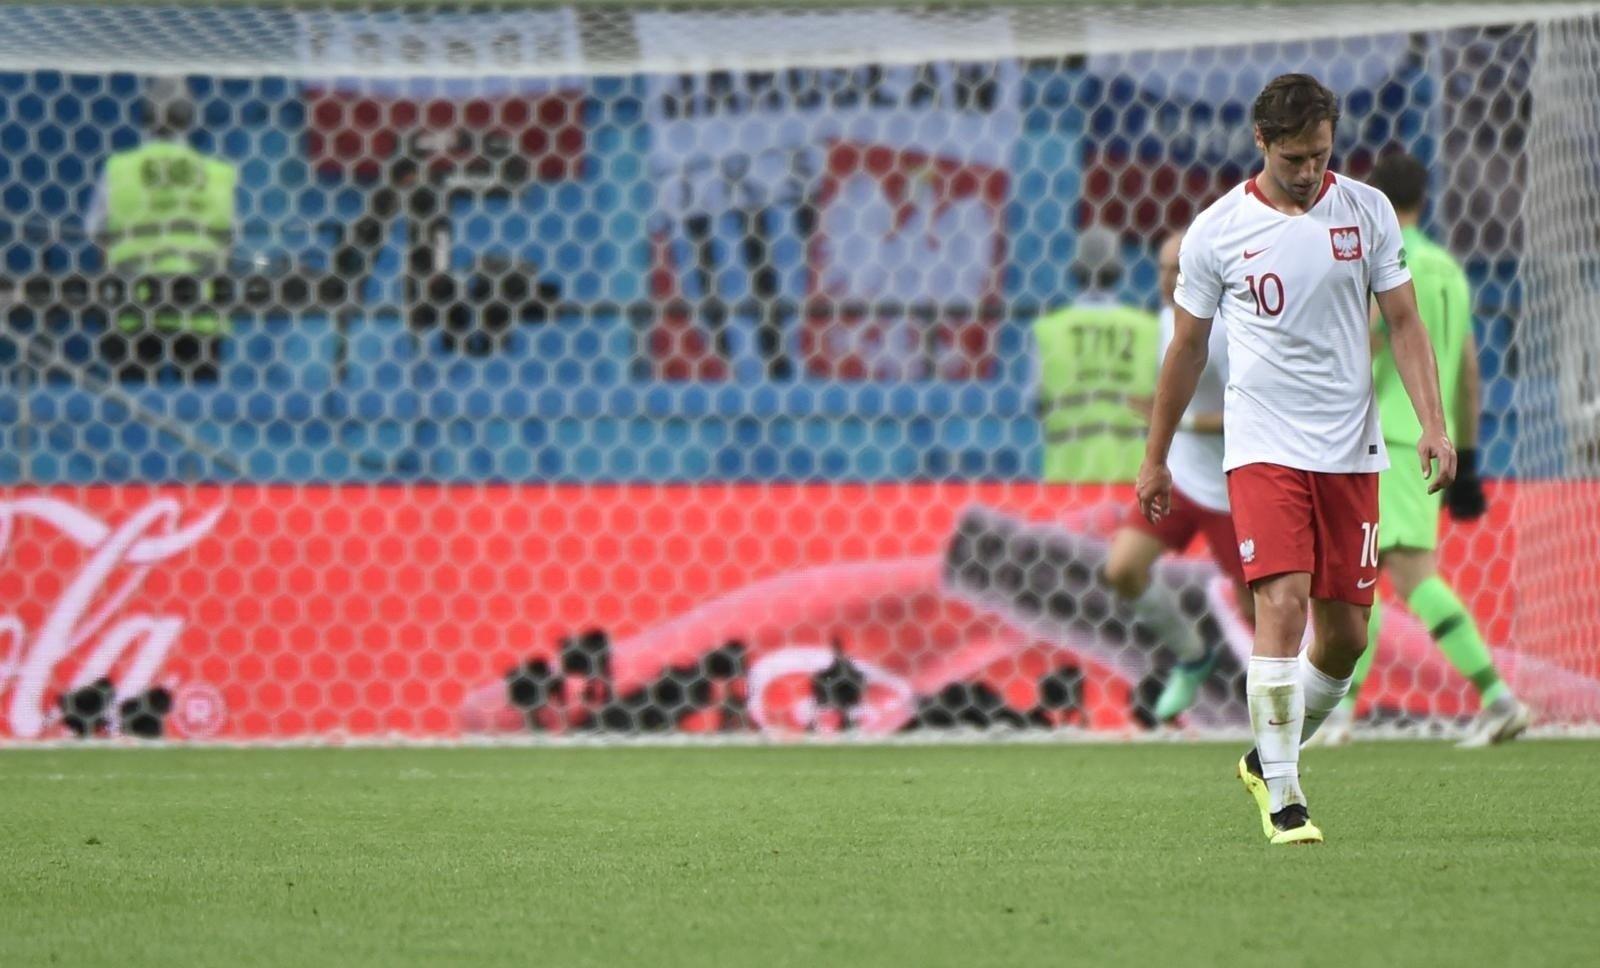 5e372ac06 Polska - Japonia Transmisja Na Żywo. Gdzie obejrzeć mecz Polska - Japonia  Stream, TV